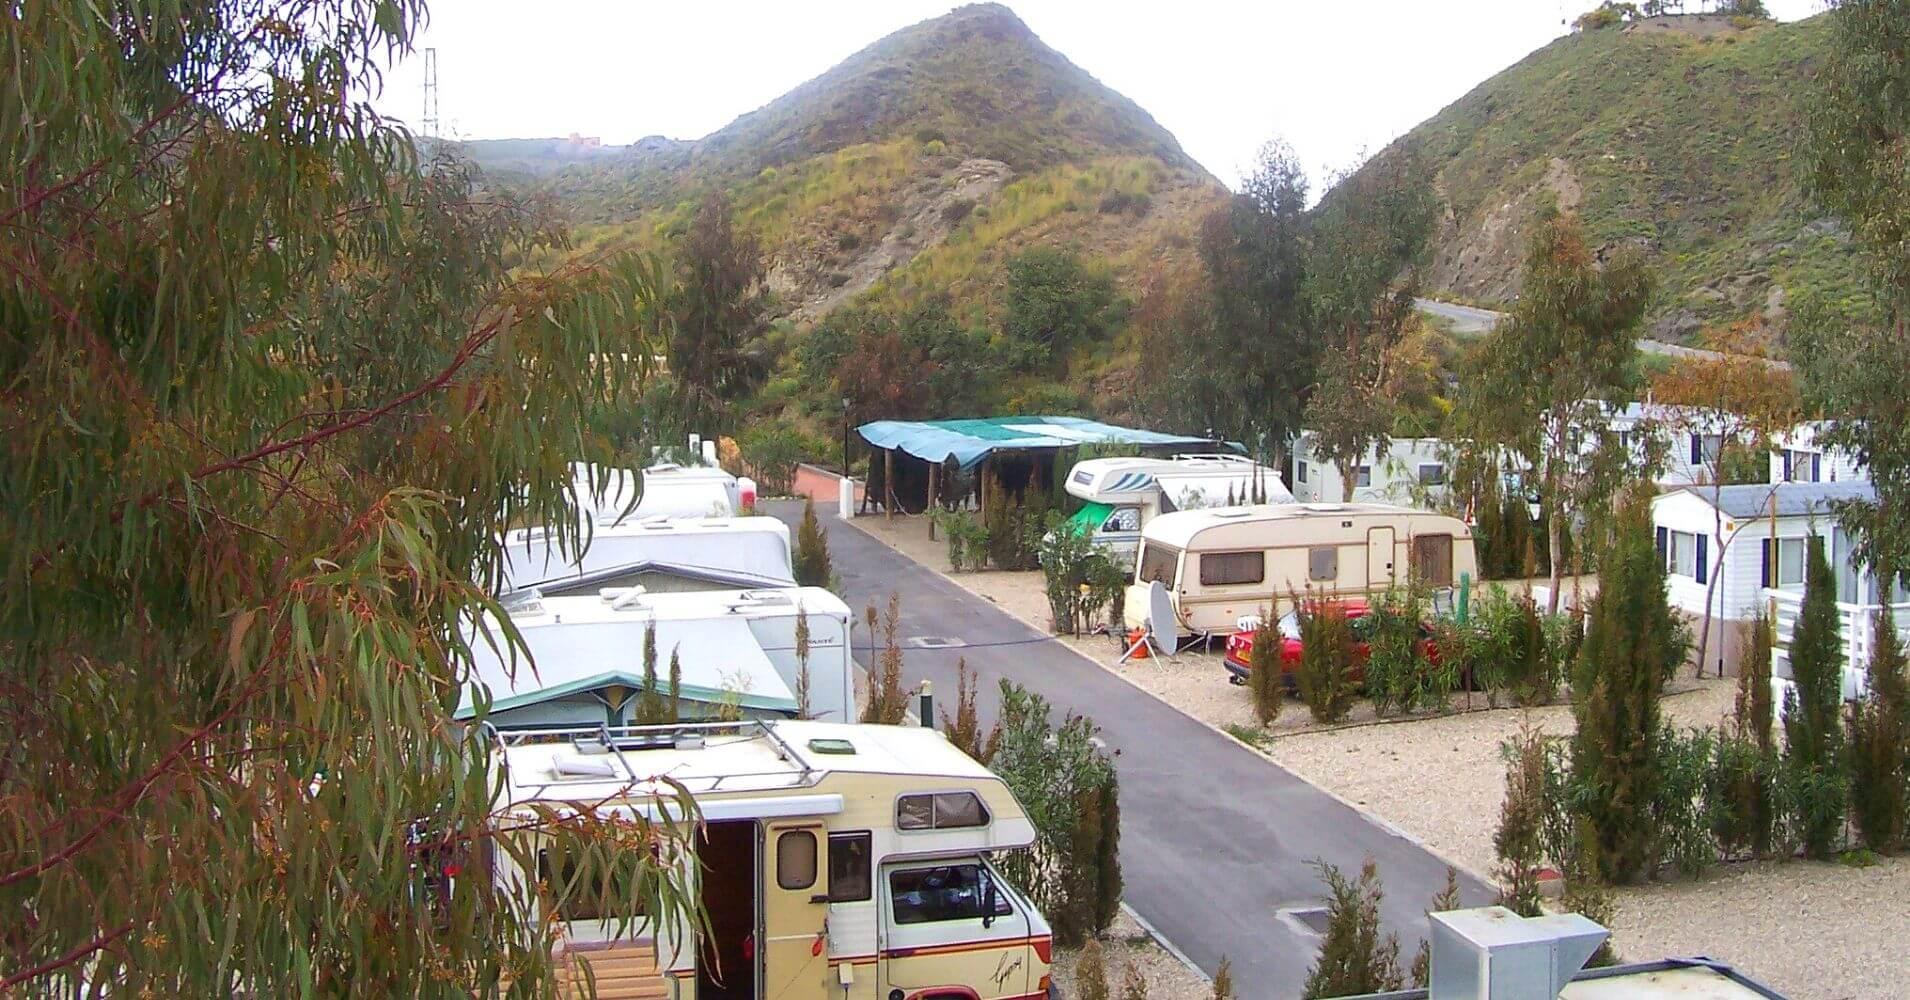 Parcelas del Camping Cueva Negra. Almería. Andalucía.